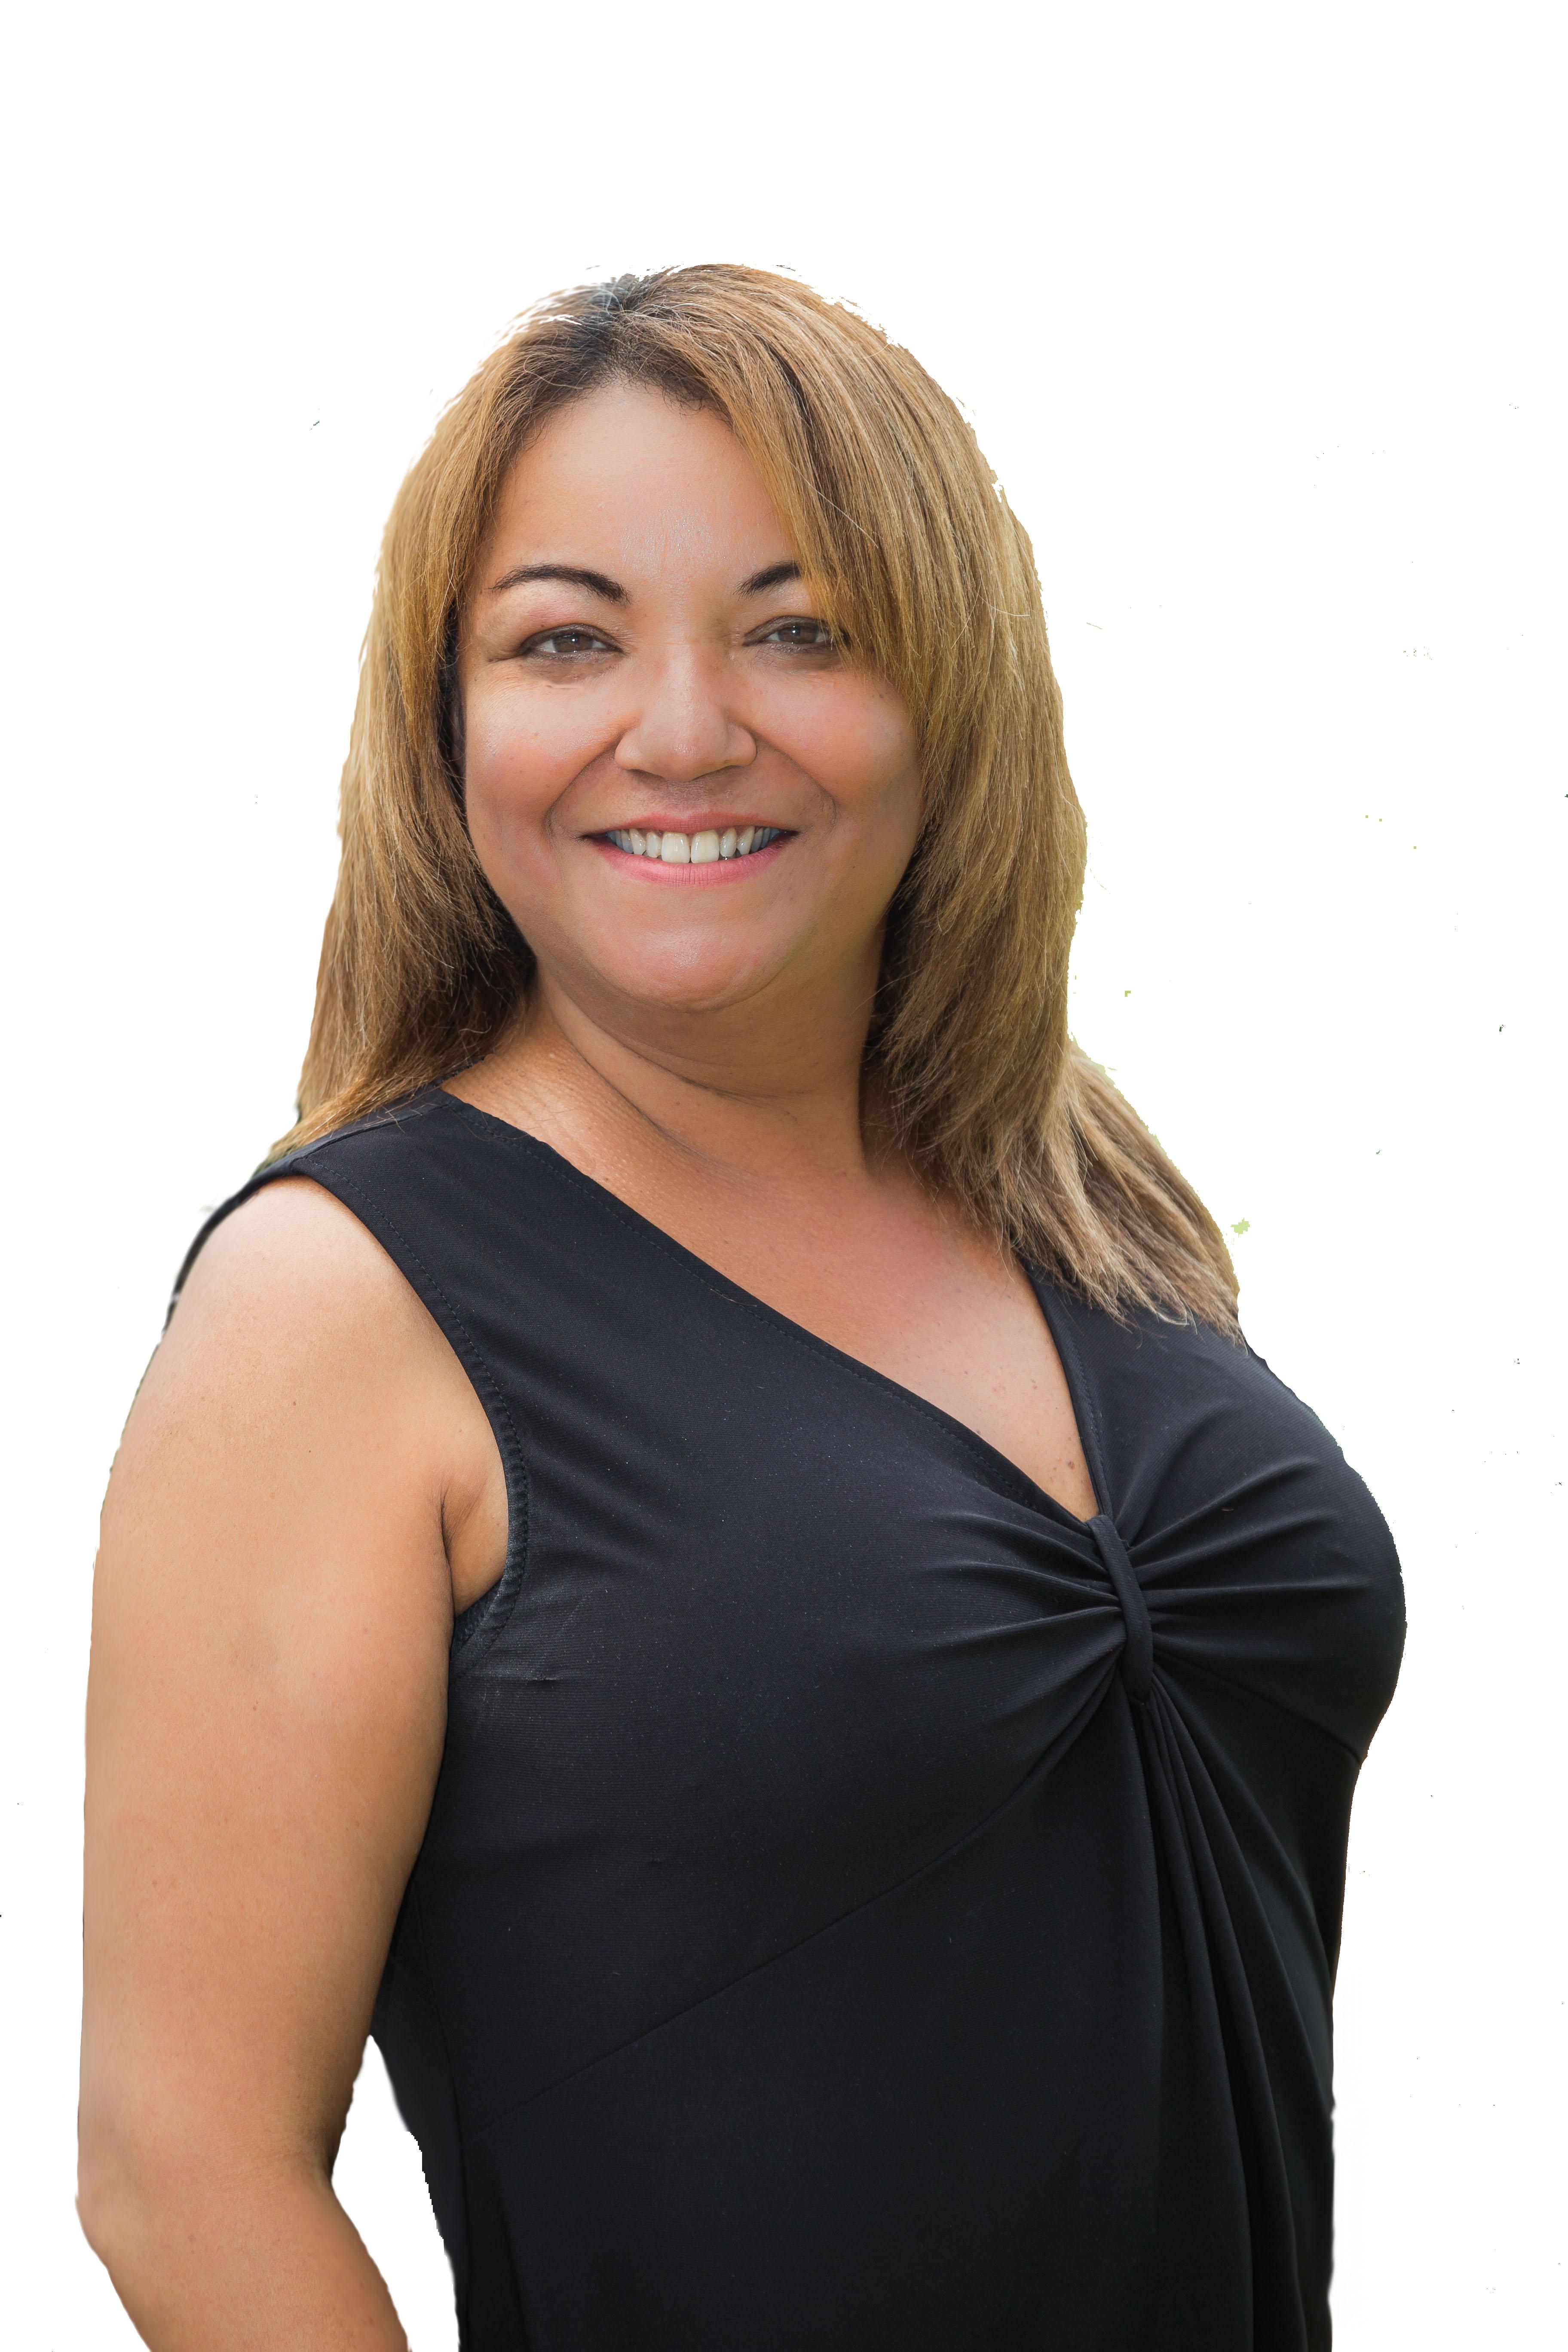 Angie Allenfort